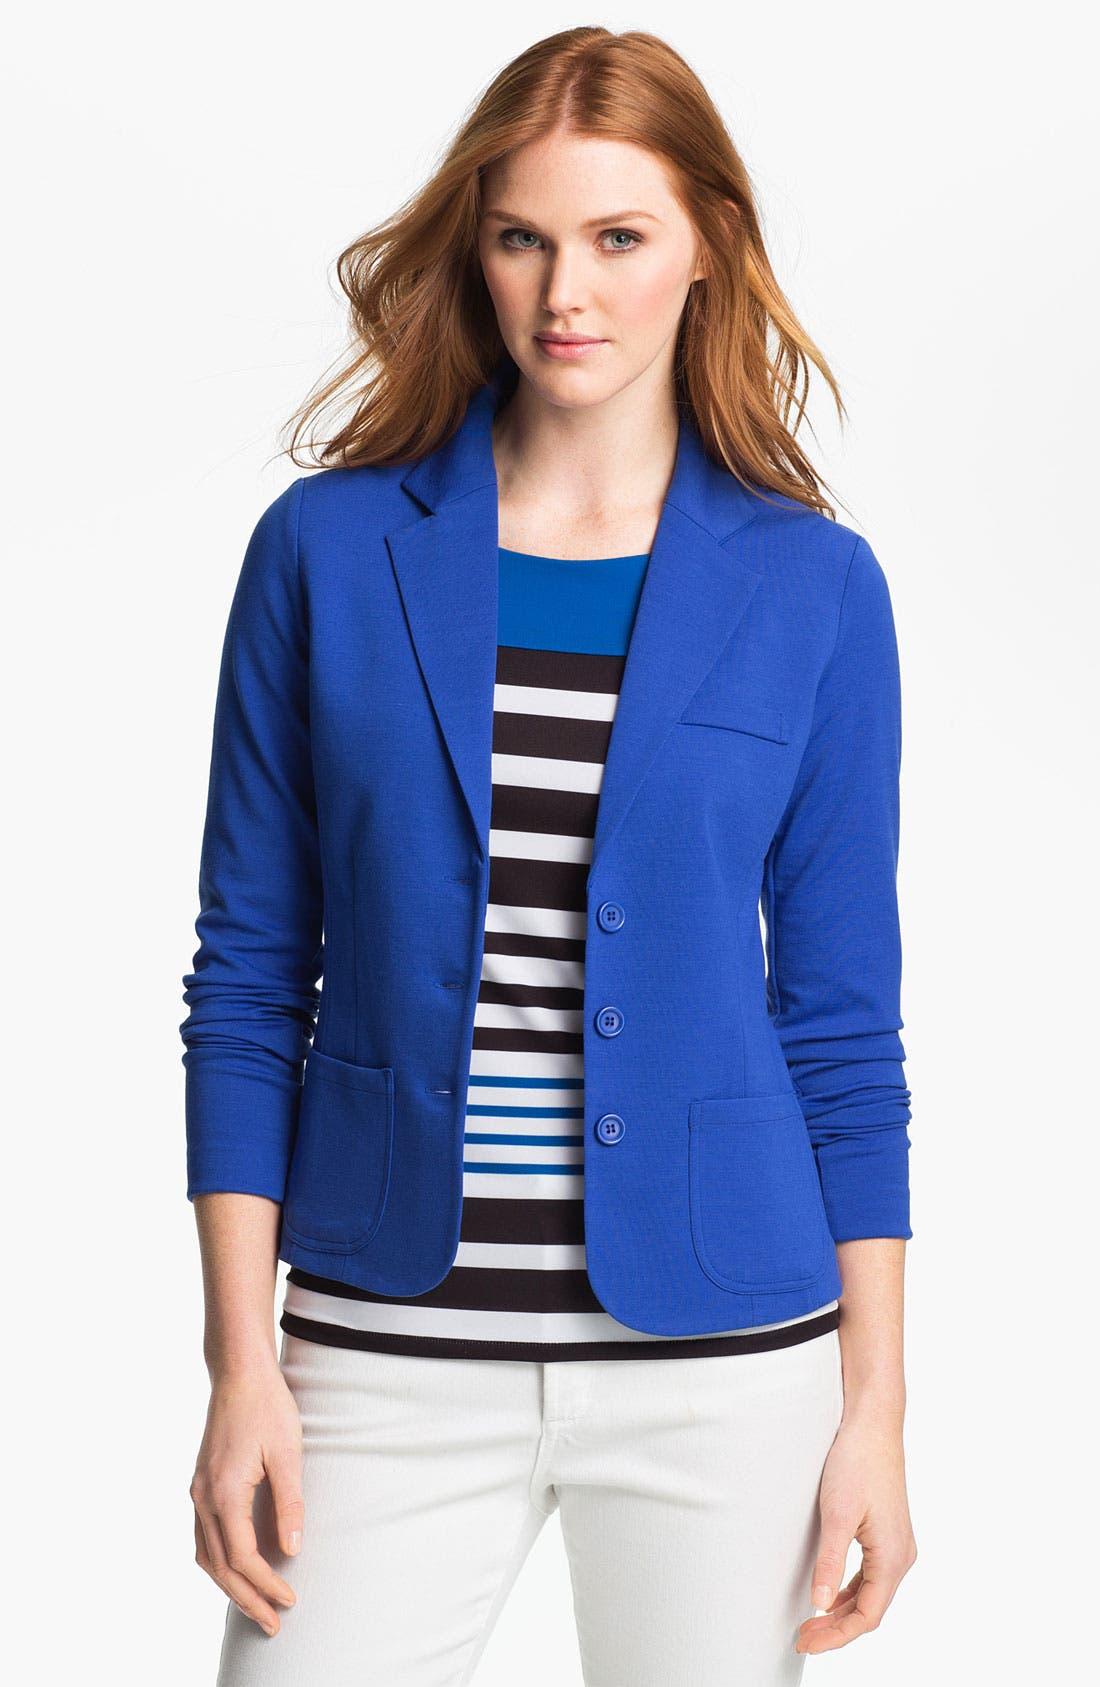 Main Image - Payton Knit Jacket